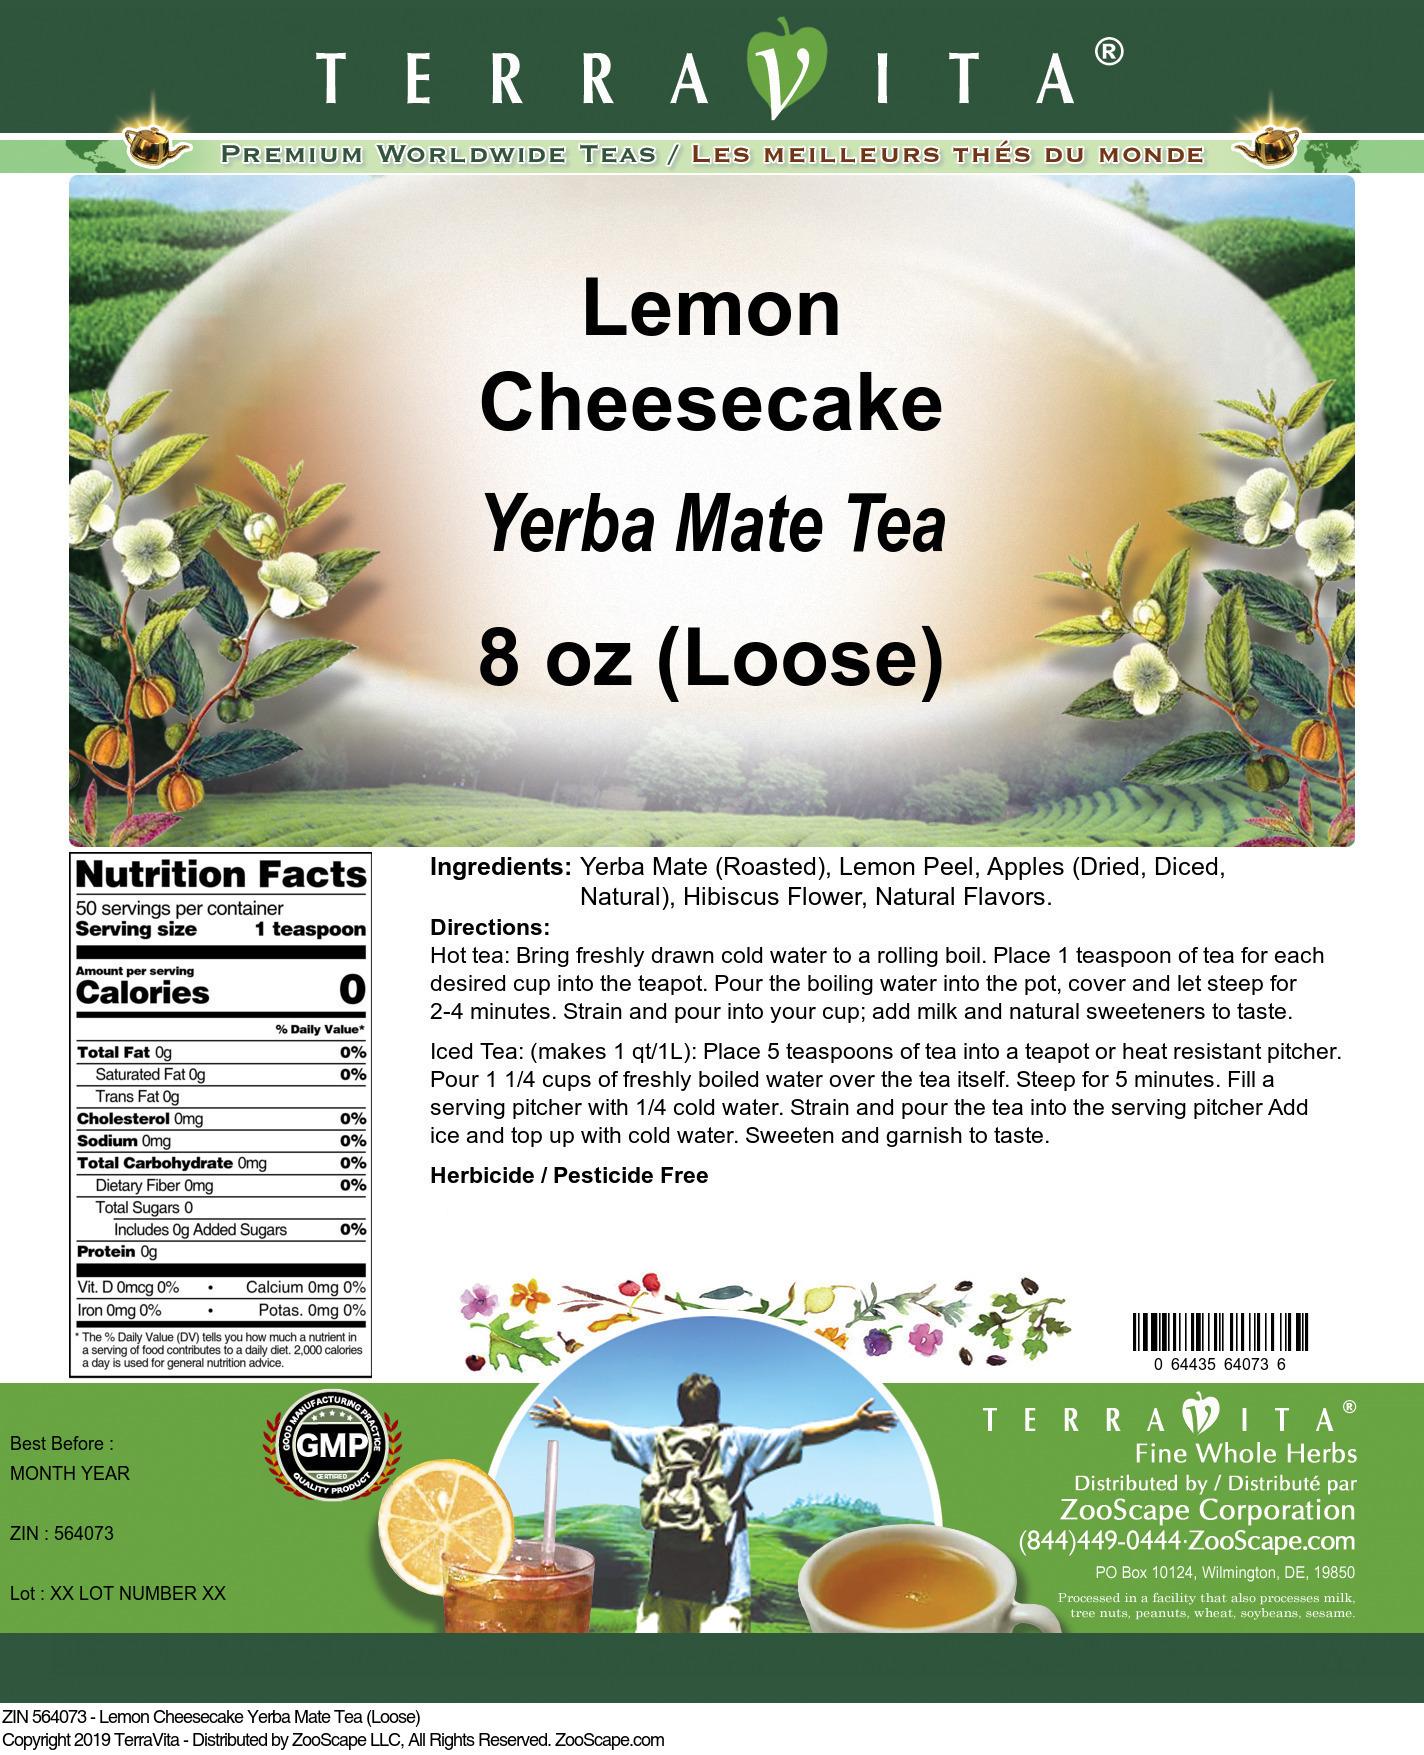 Lemon Cheesecake Yerba Mate